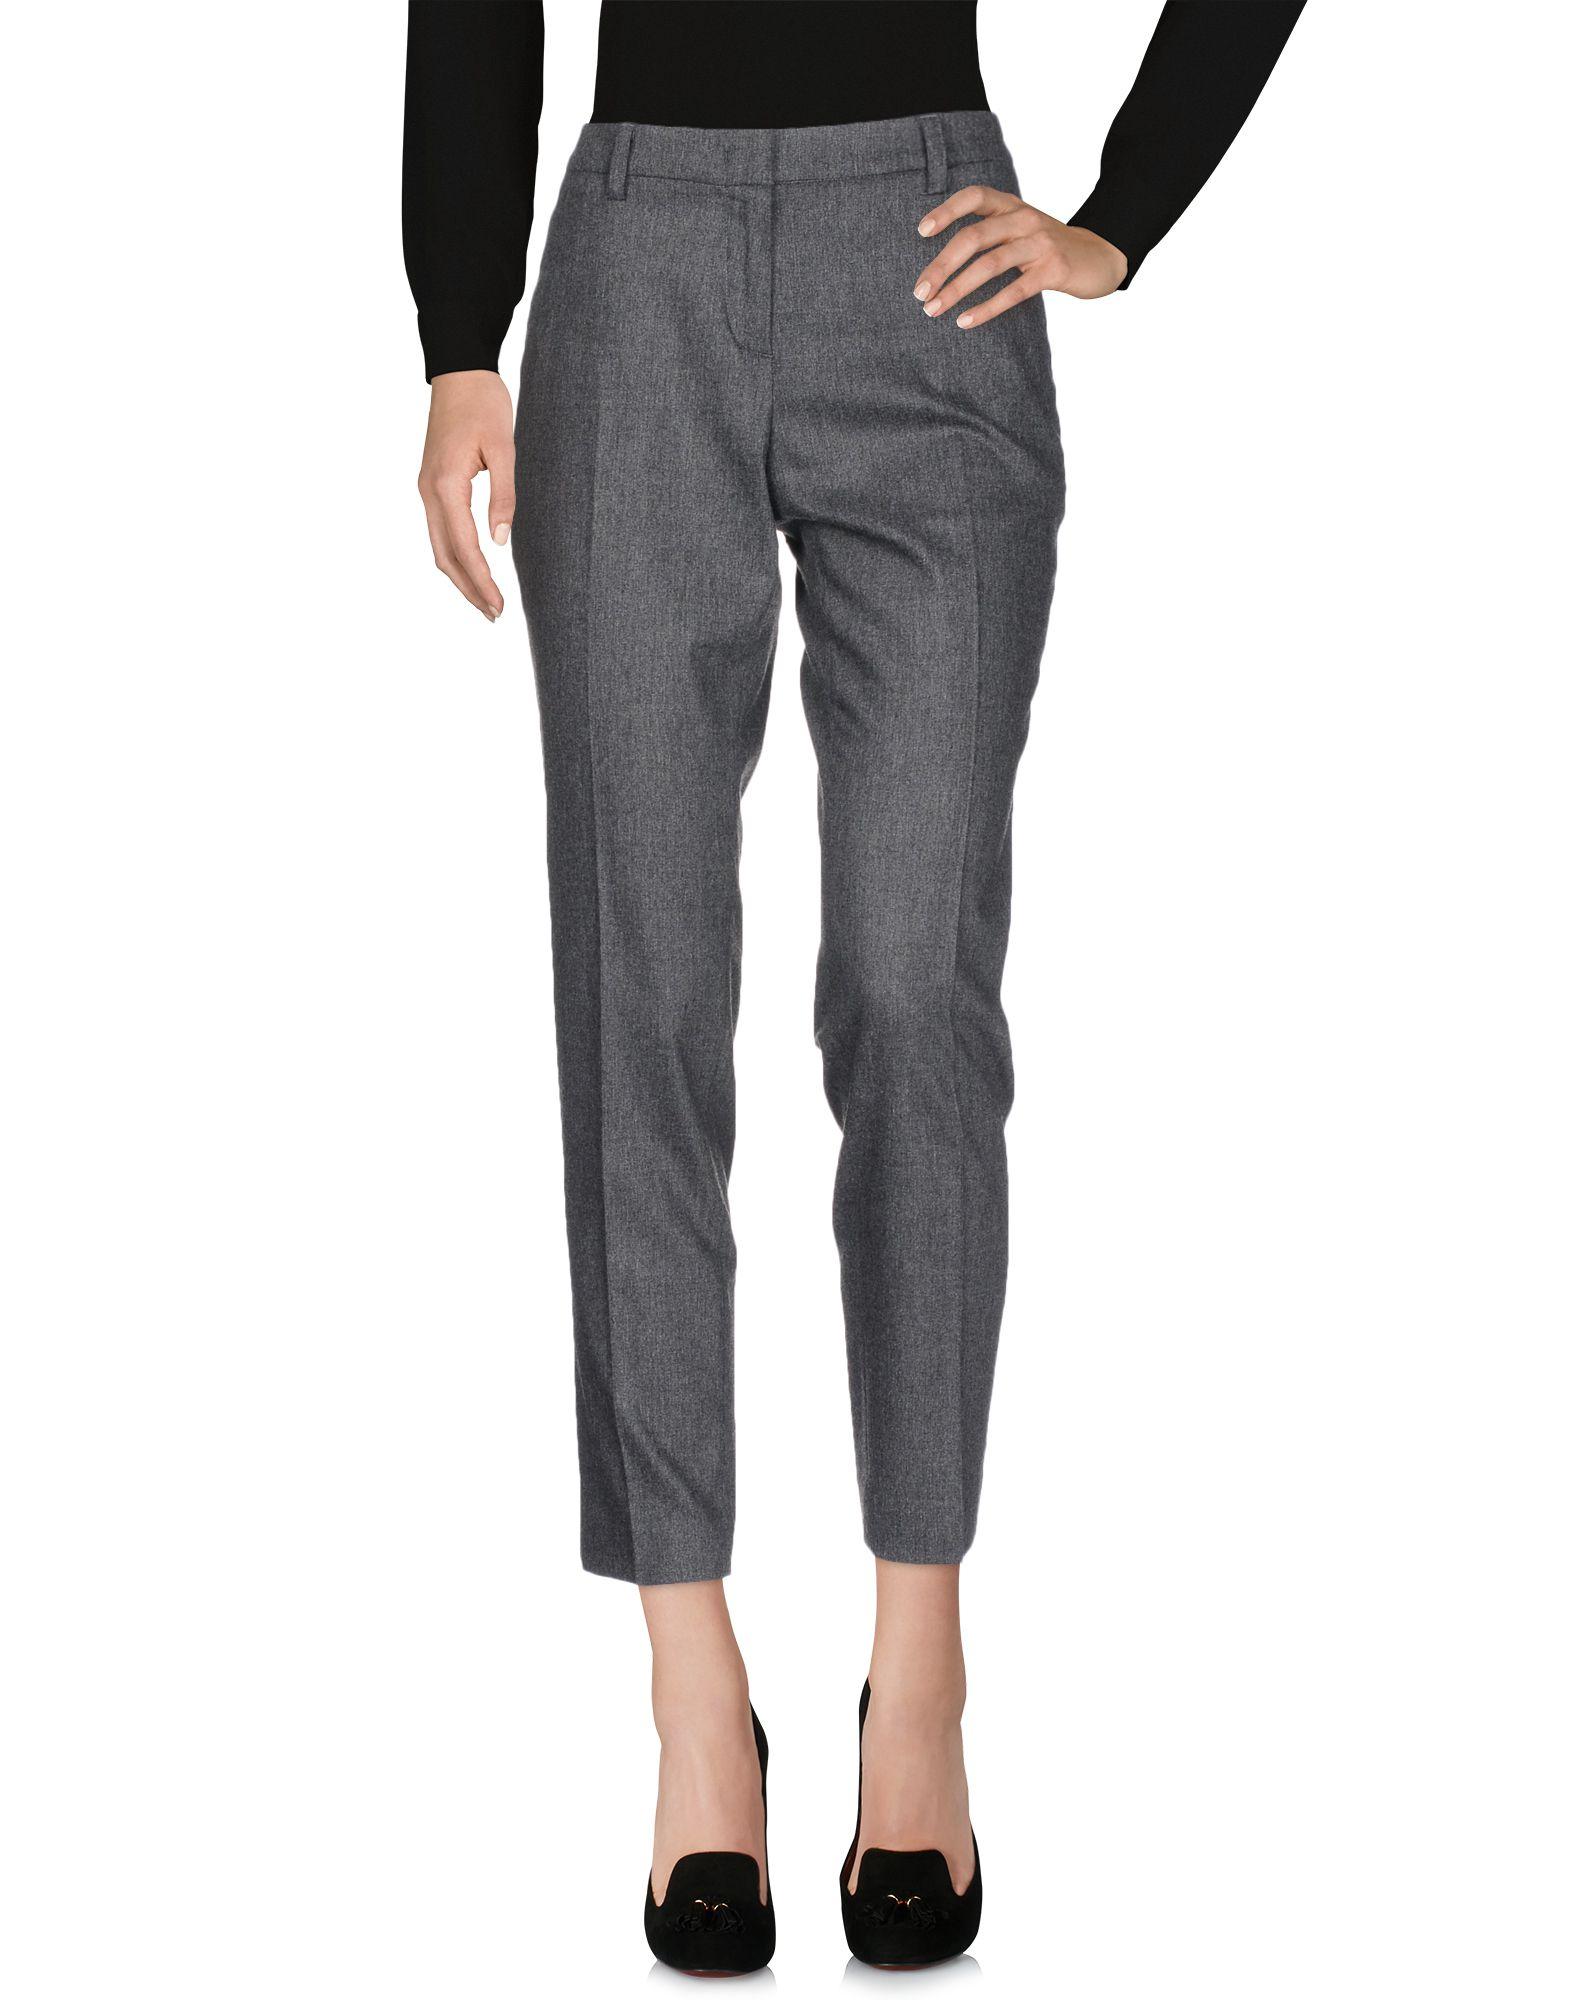 Pantalone Blue Les Copains Donna - Acquista online su Bj7TsB7p